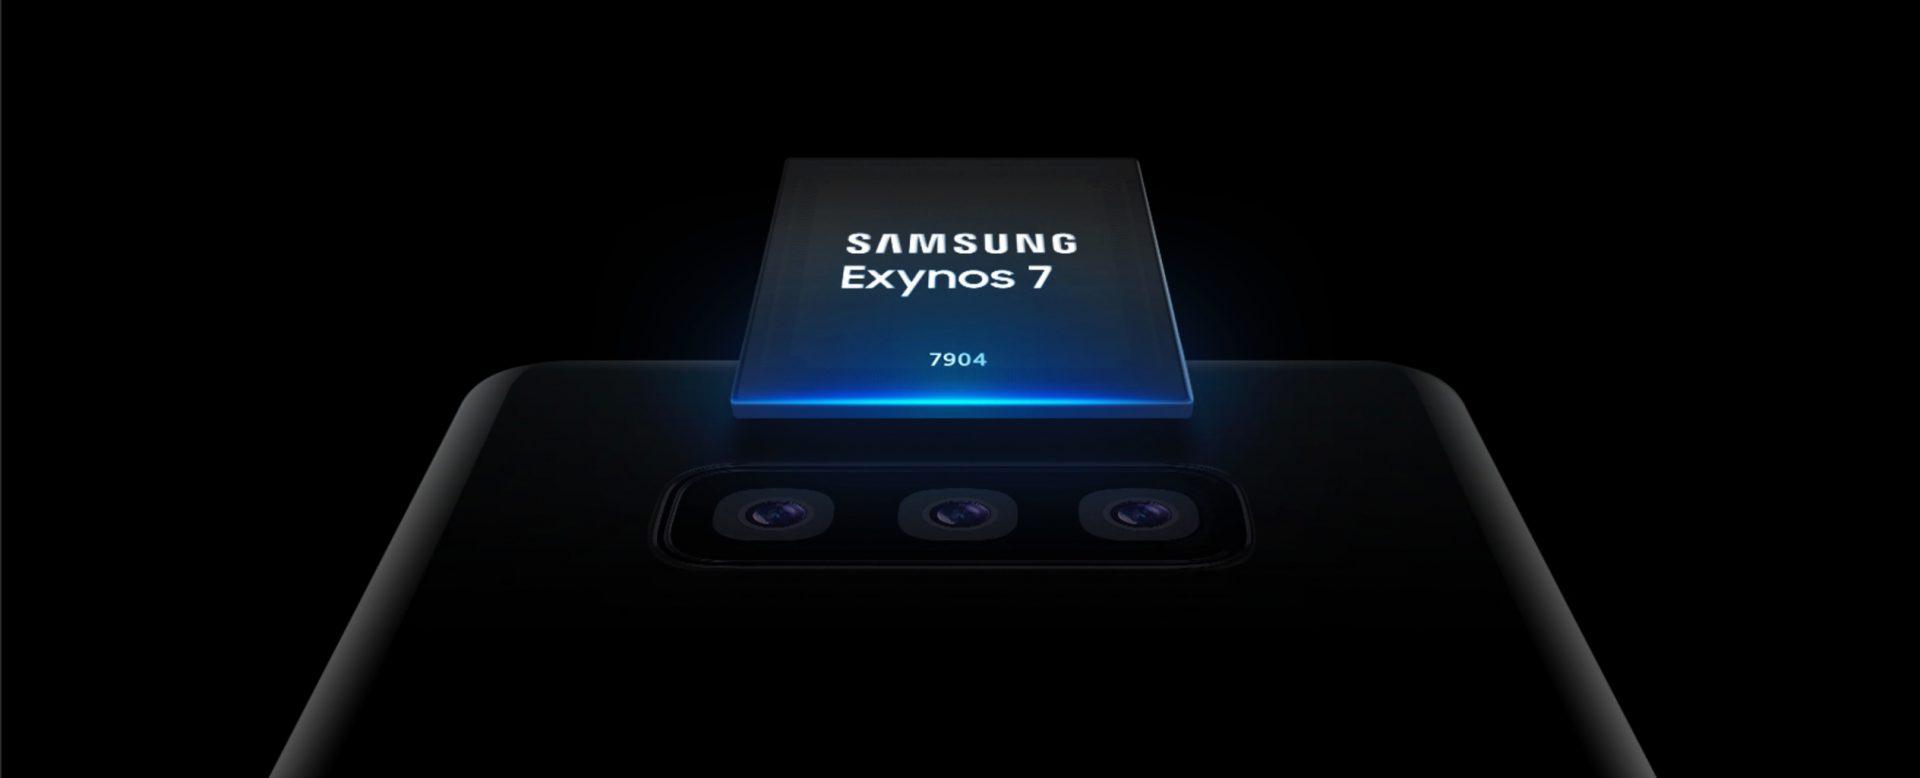 Samsung ra mắt vi xử lý tầm trung Exynos 7904 mới: hỗ trợ 3 camera, quay 4K UHD